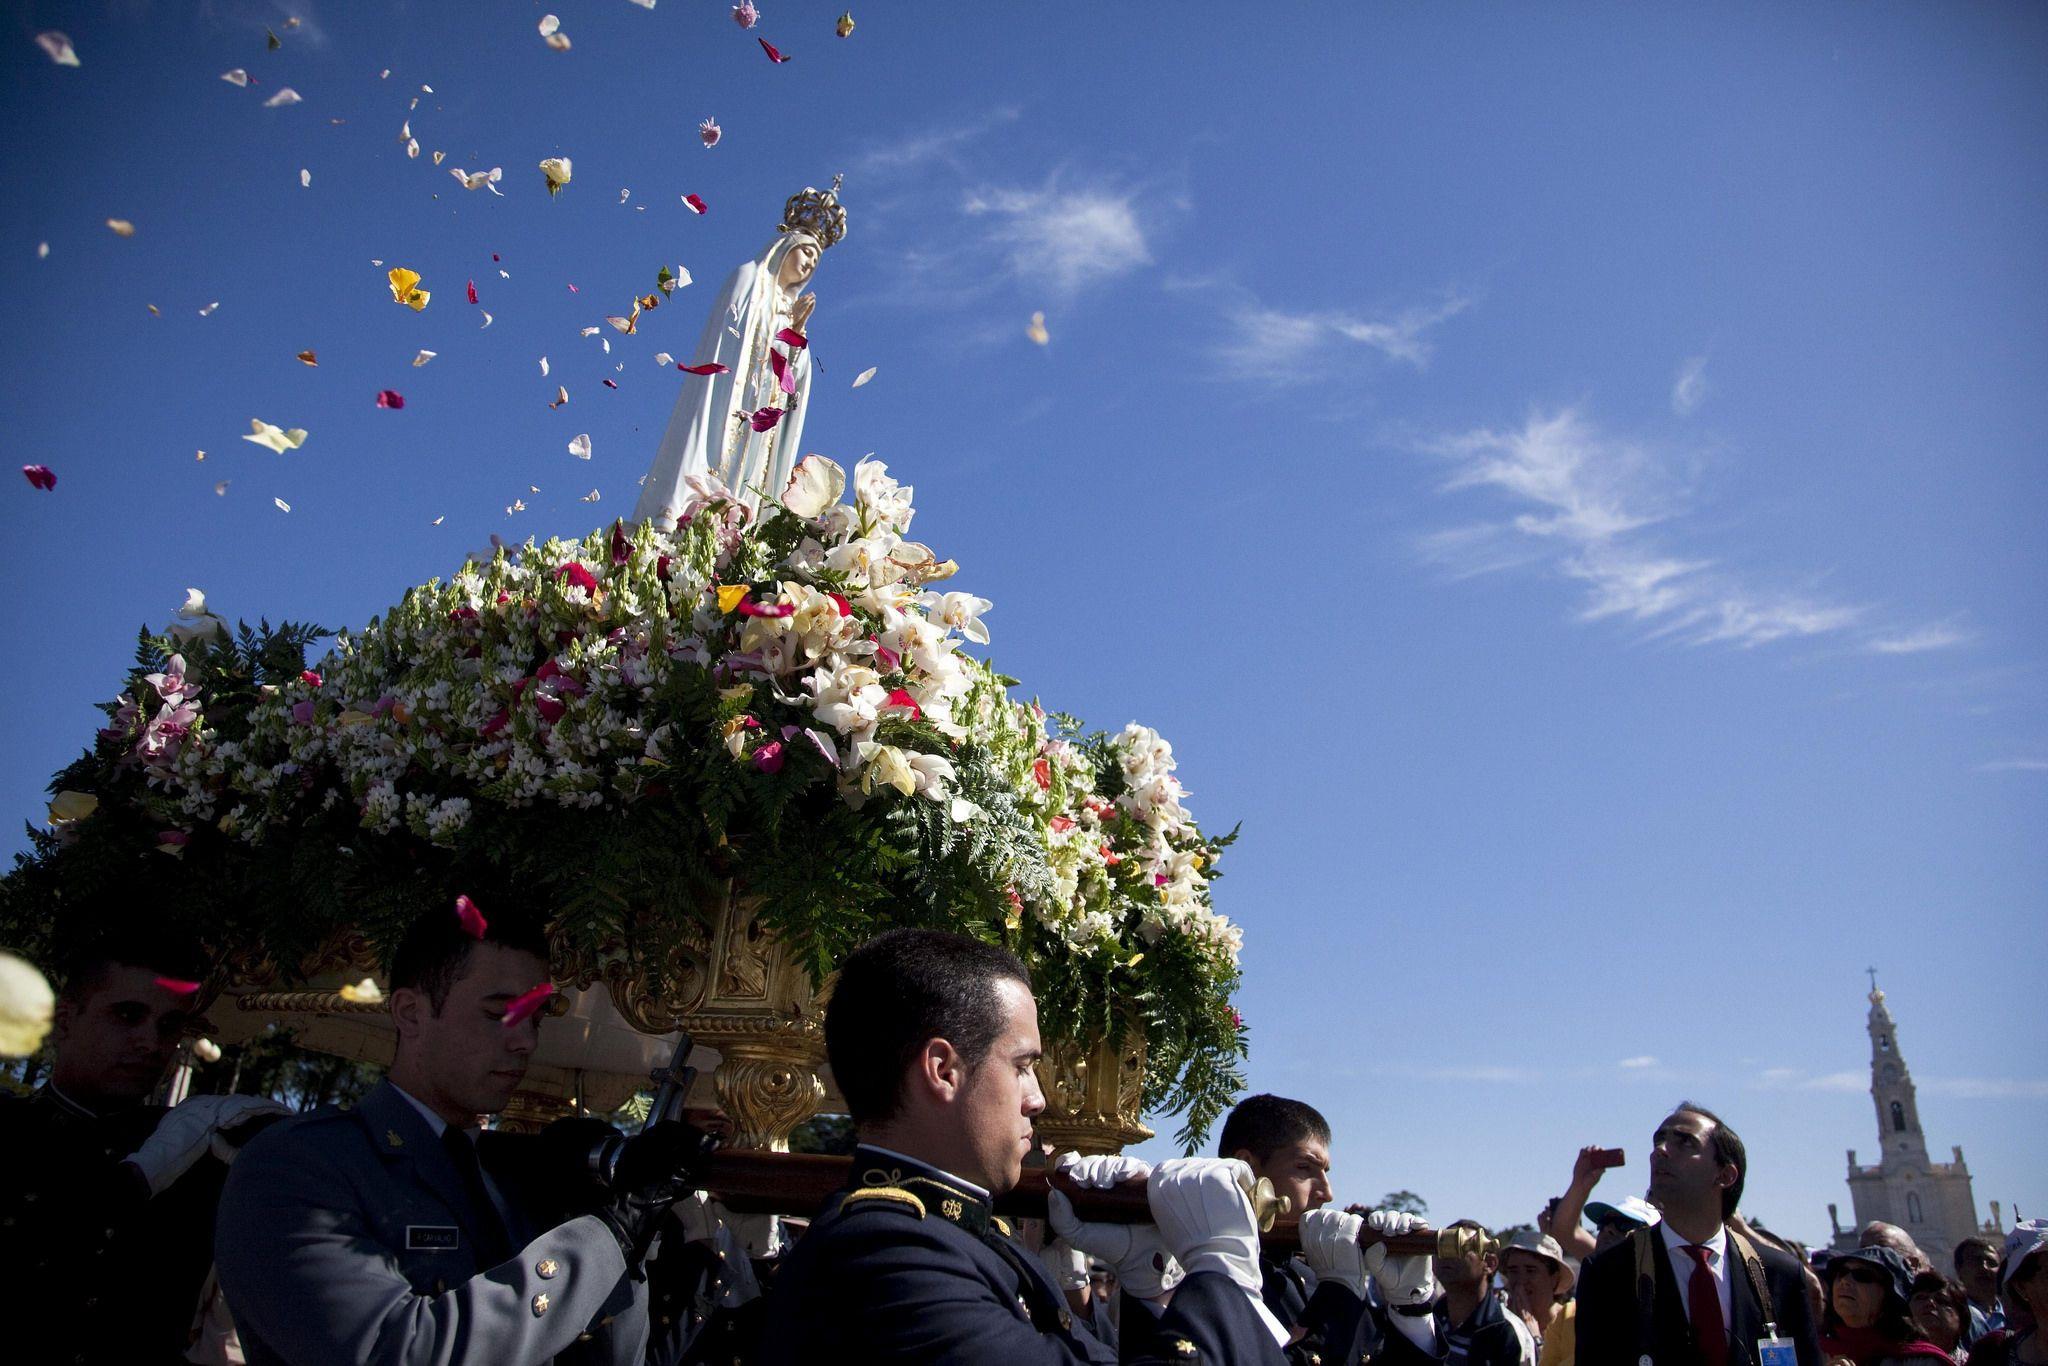 https://flic.kr/p/F2qcE3 | PEREGRINACIÓN INTERNACIONAL AL SANTUARIO DE FÁTIMA | FTM07 FATIMA (PORTUGAL) 13/05/2014.- Miles de peregrinos asisten a la procesión de la virgen de Fátima hoy, martes 13 de mayo de 2014, en Fátima (Portugal). La peregrinación internacional al Santuario de Fátima arrancó ayer de forma oficial y son miles las personas que se han desplazado hasta el municipio portugués para celebrar el 97 aniversario de la aparición de la Virgen, según la religión católica…